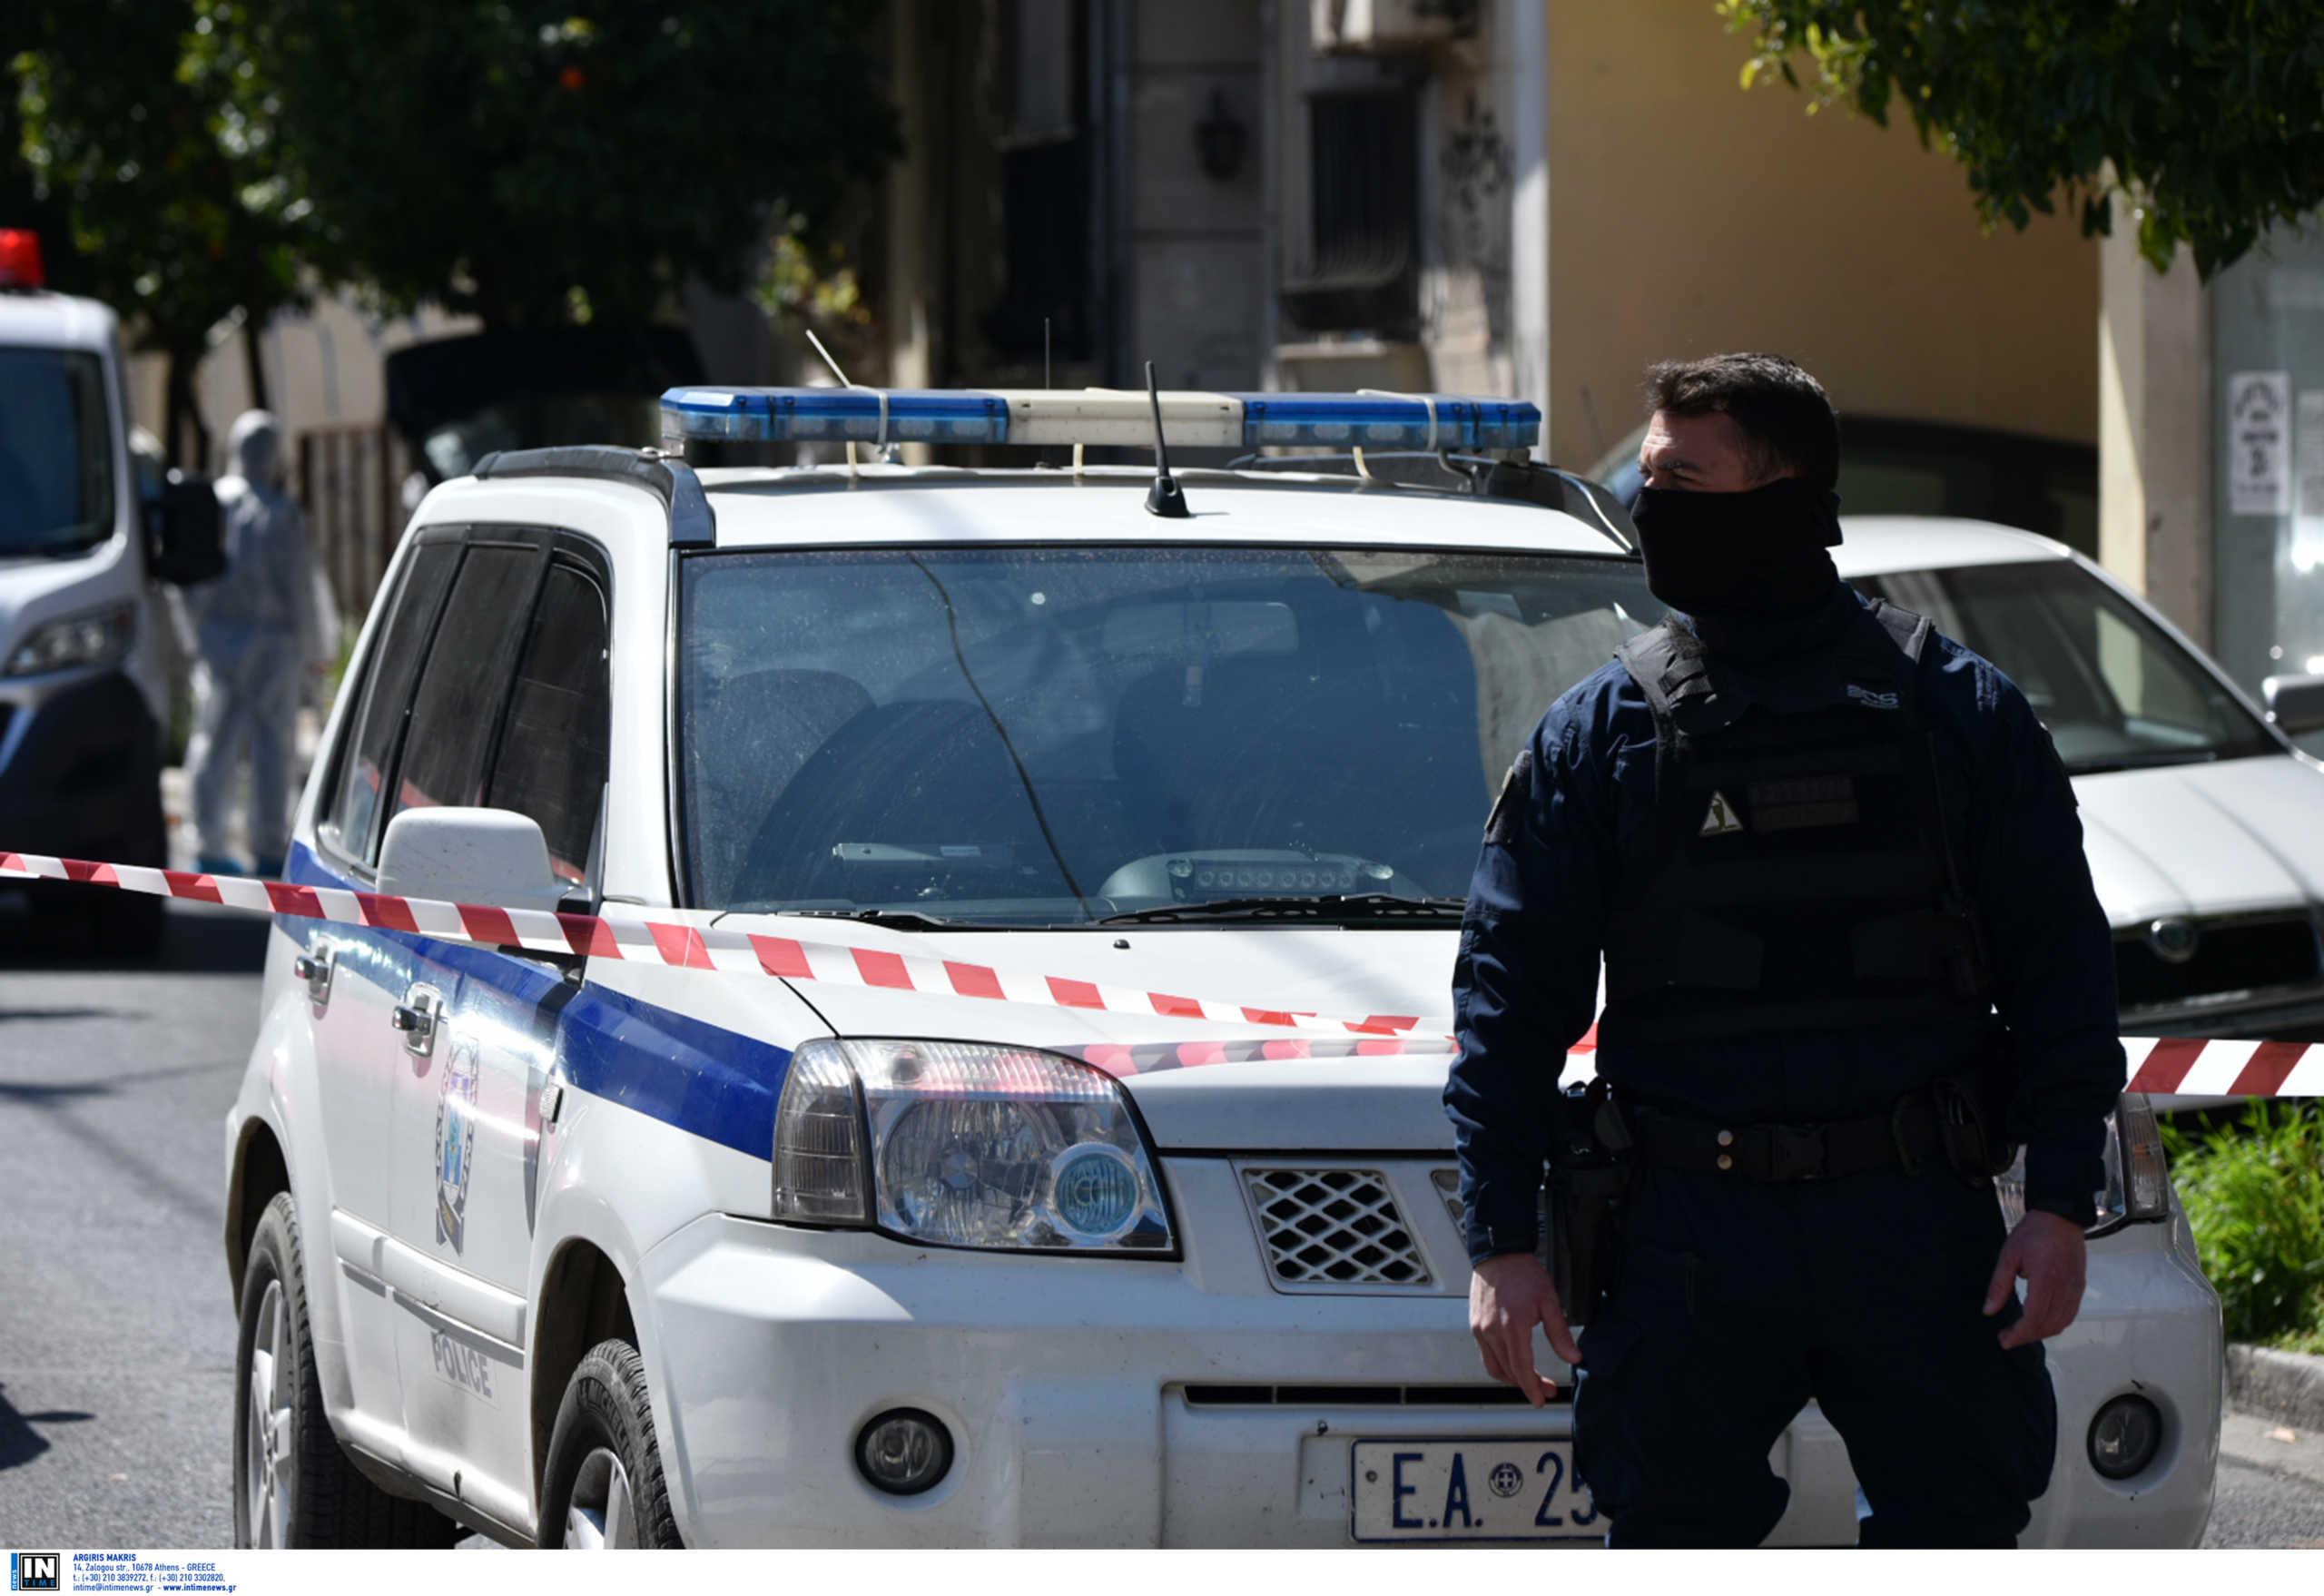 Επιχείρηση της Αντιτρομοκρατικής σε διαμέρισμα στα Εξάρχεια με μια σύλληψη